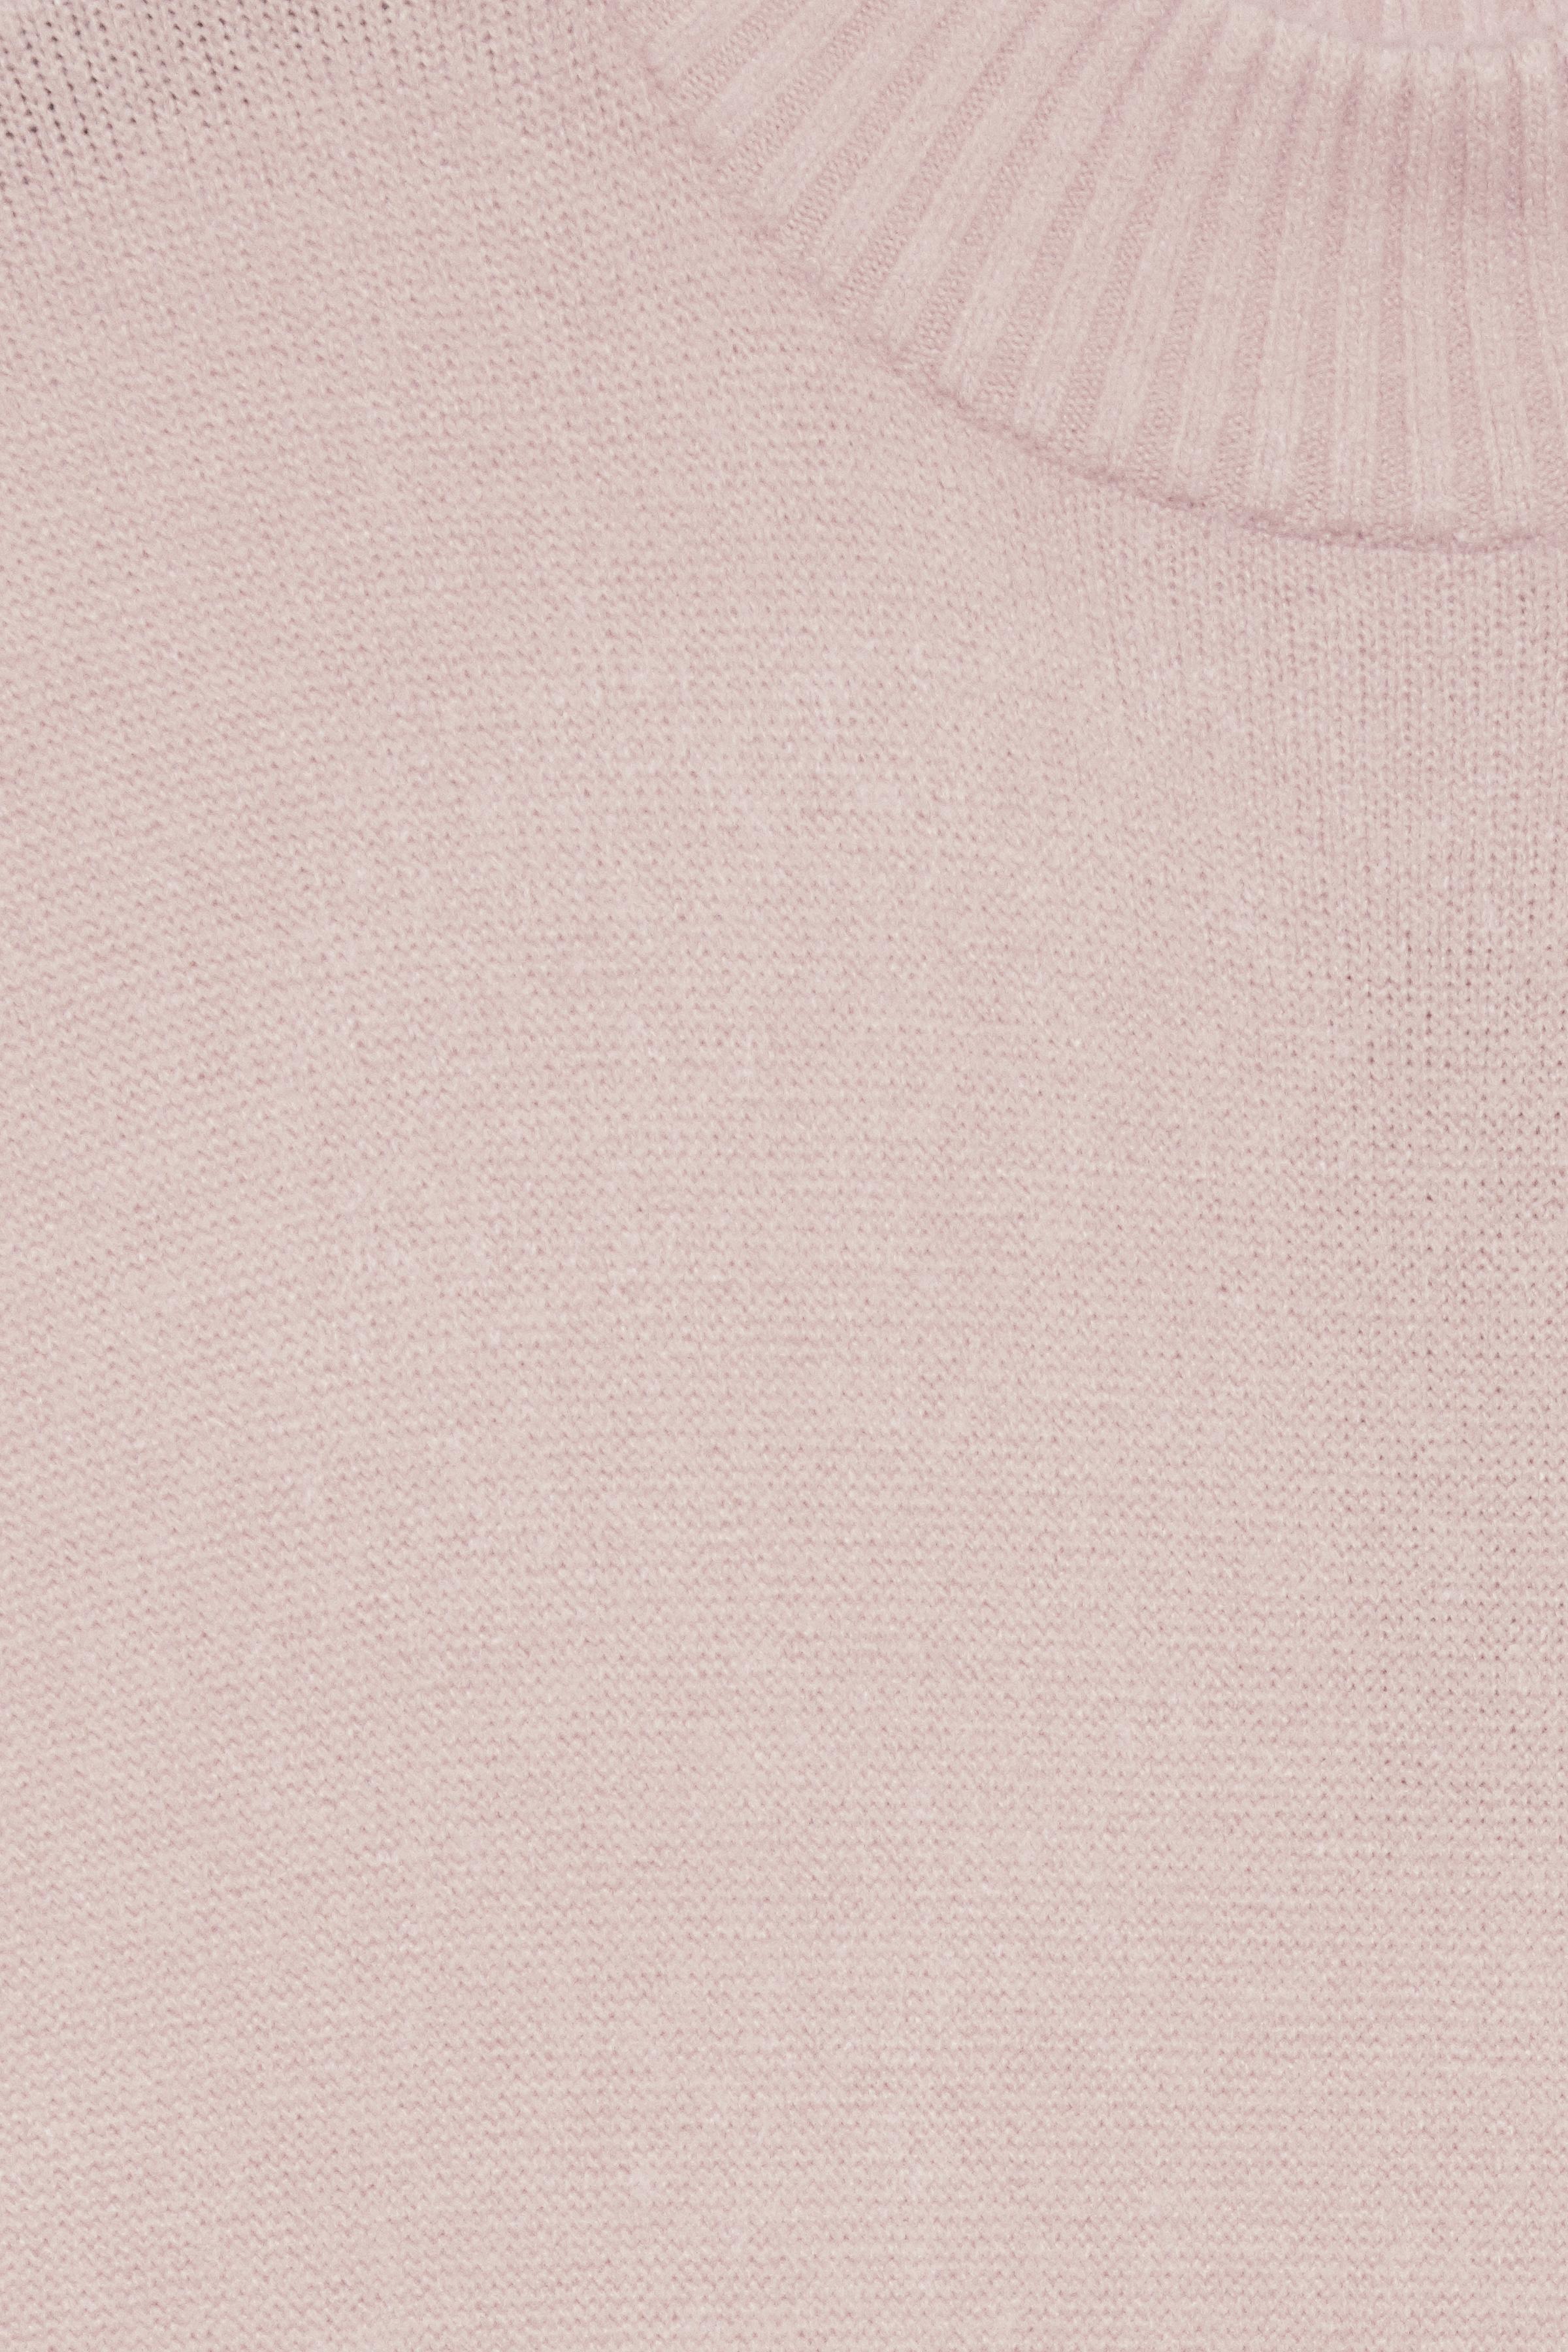 Rose Cloud Pullover van b.young – Koop Rose Cloud Pullover hier van size XS-XXL